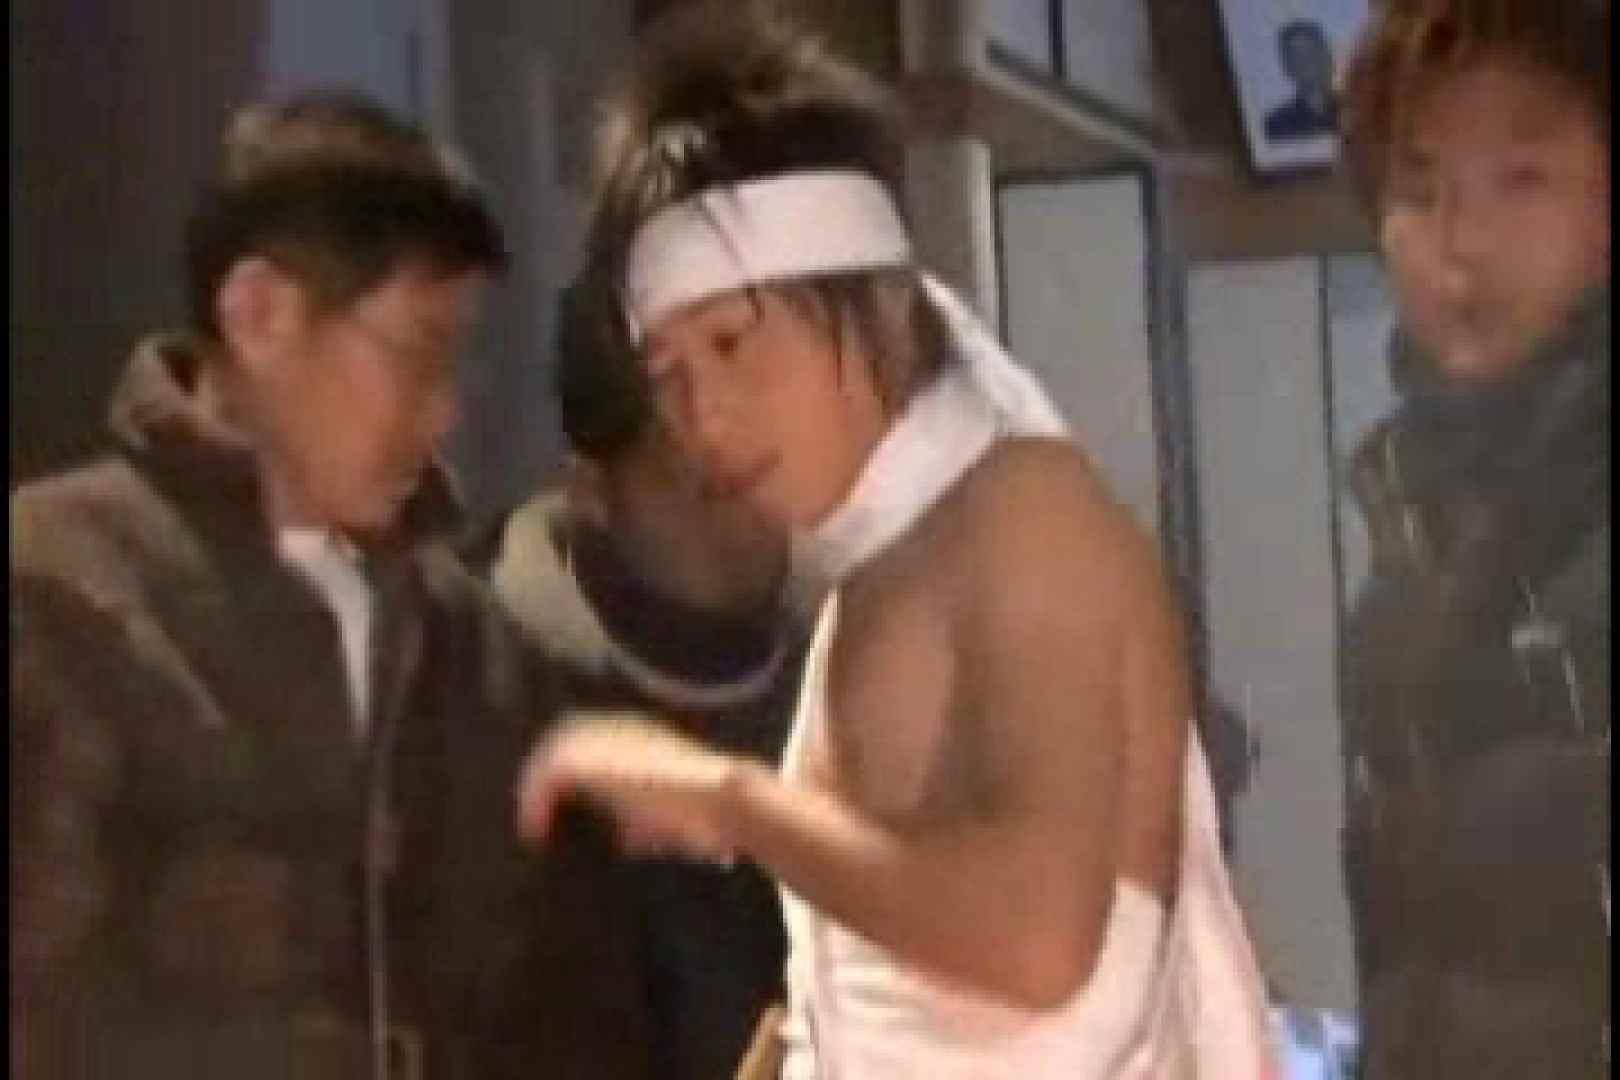 陰間茶屋 男児祭り VOL.7 男どうし | 野外露出動画 ゲイ無料無修正画像 110pic 37